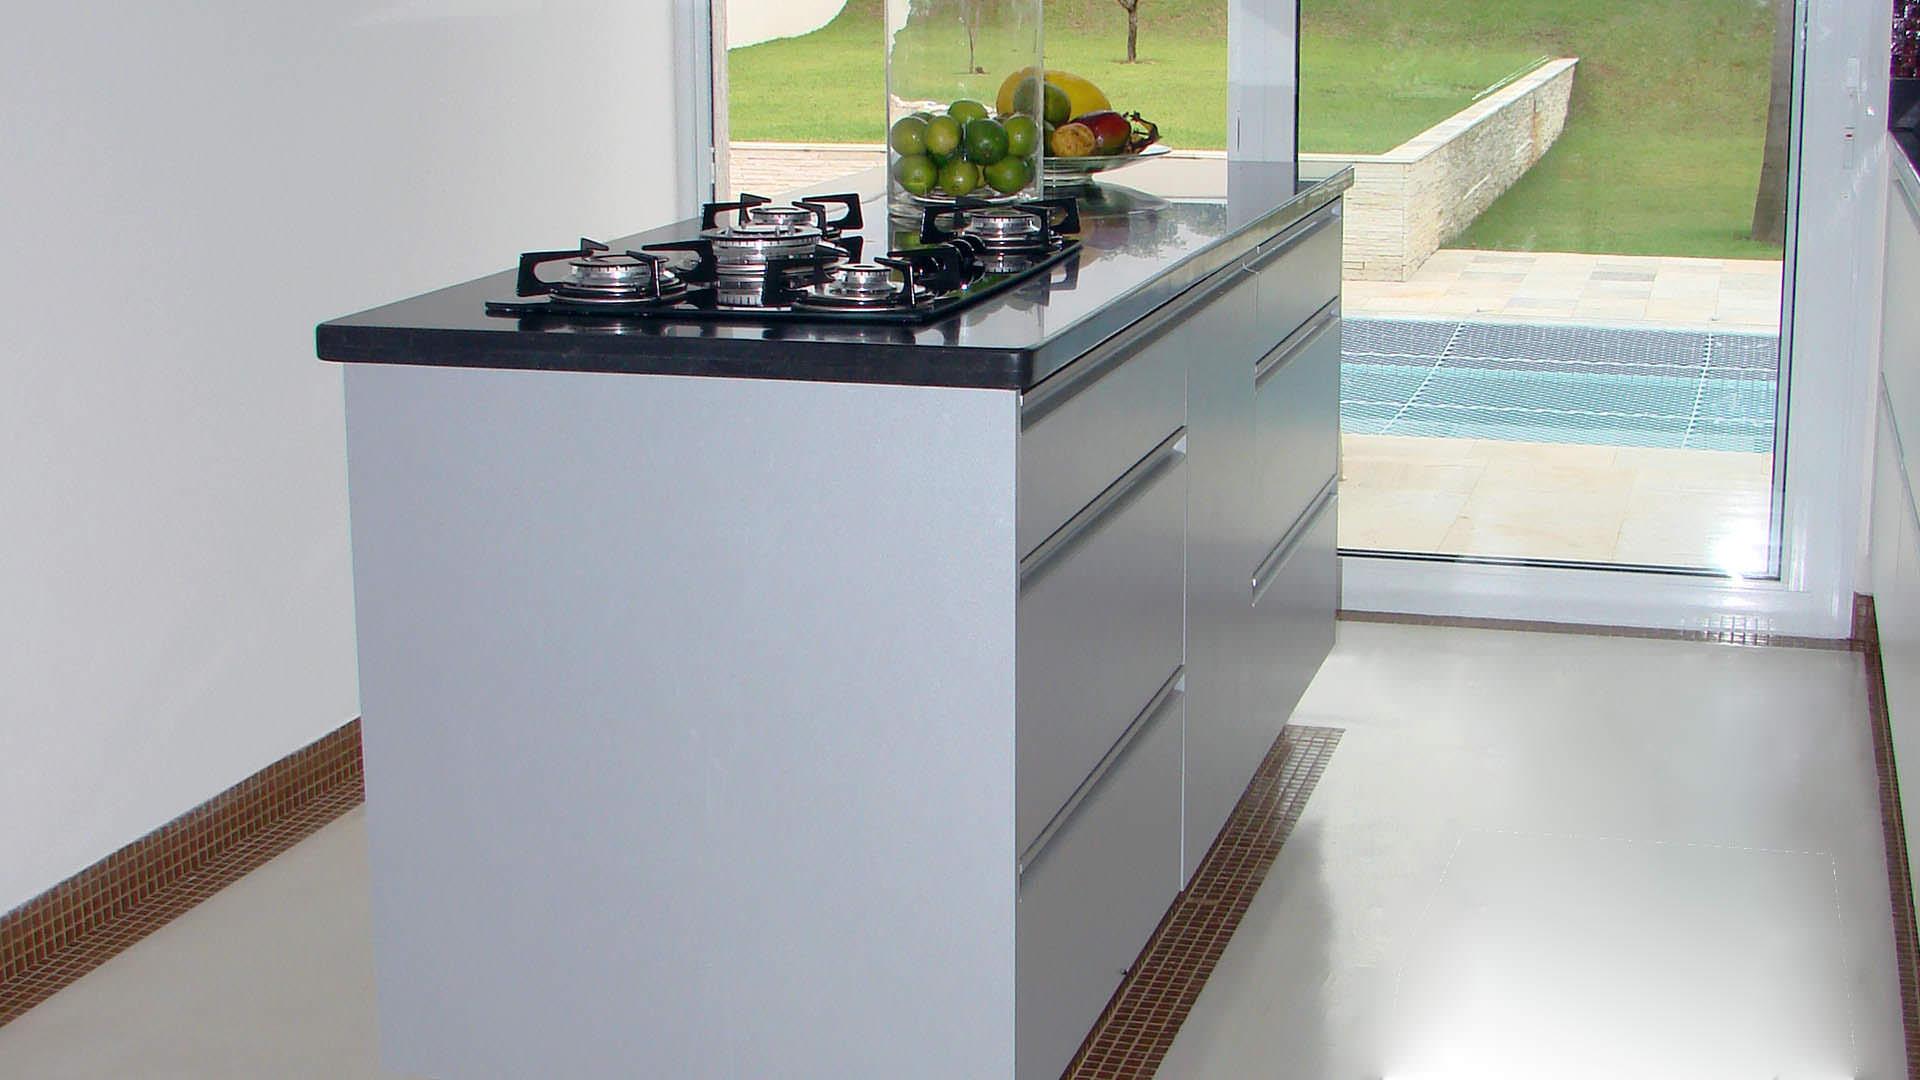 cozinha planejada com ilha e cooktop de vidro